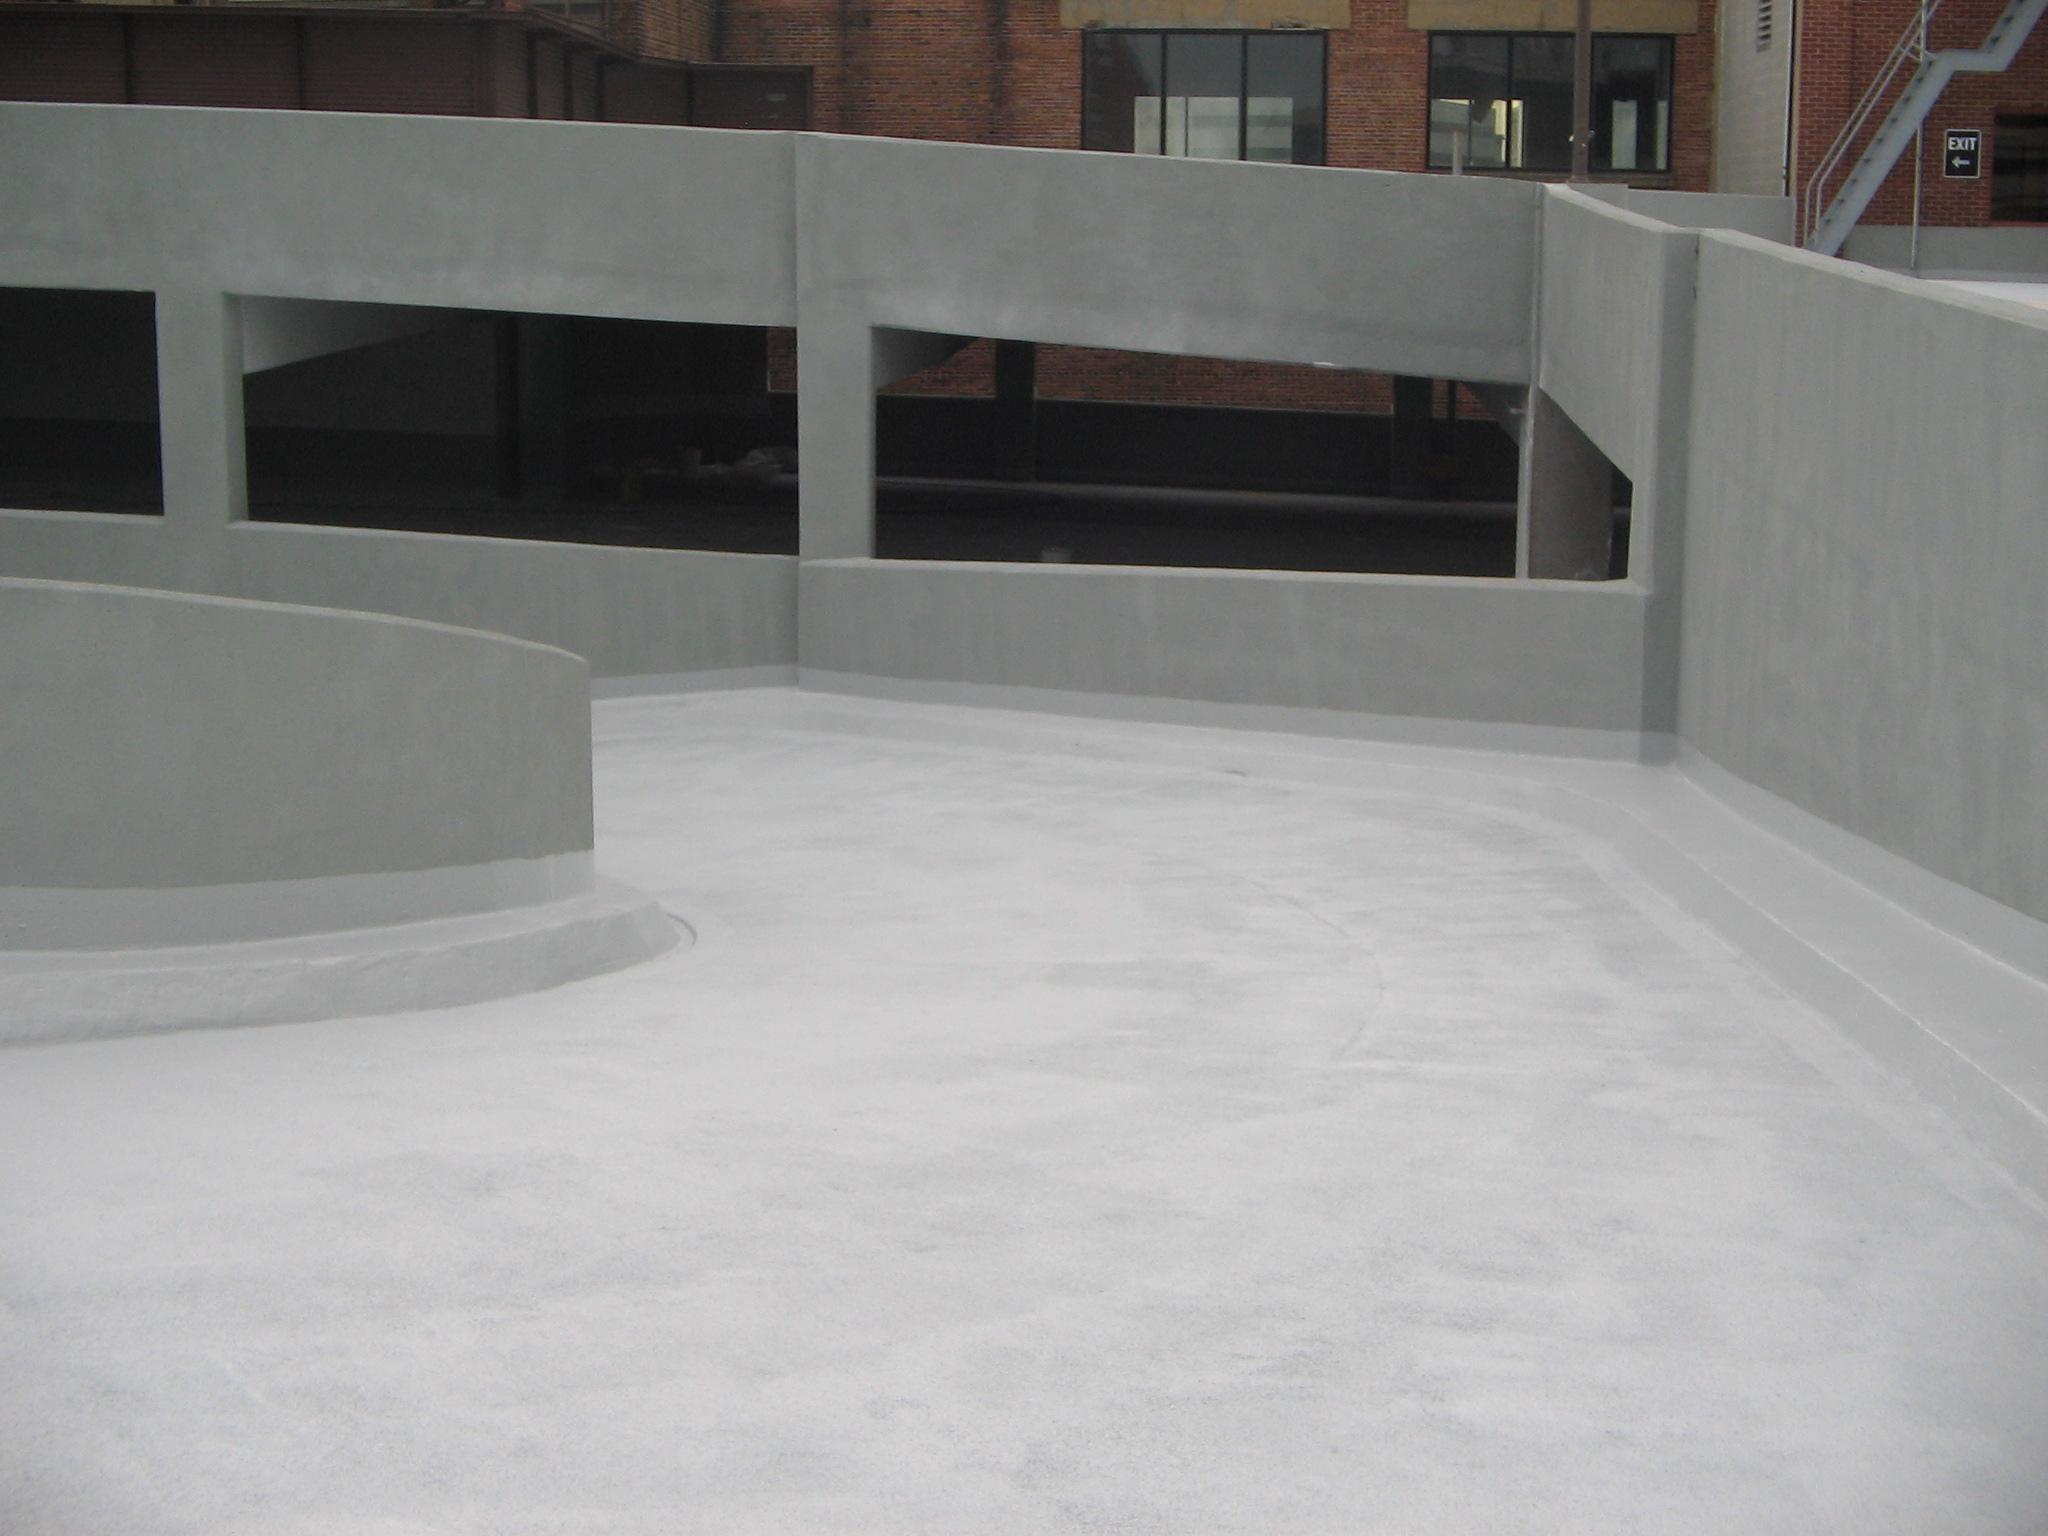 membrane-insallation-complete-31